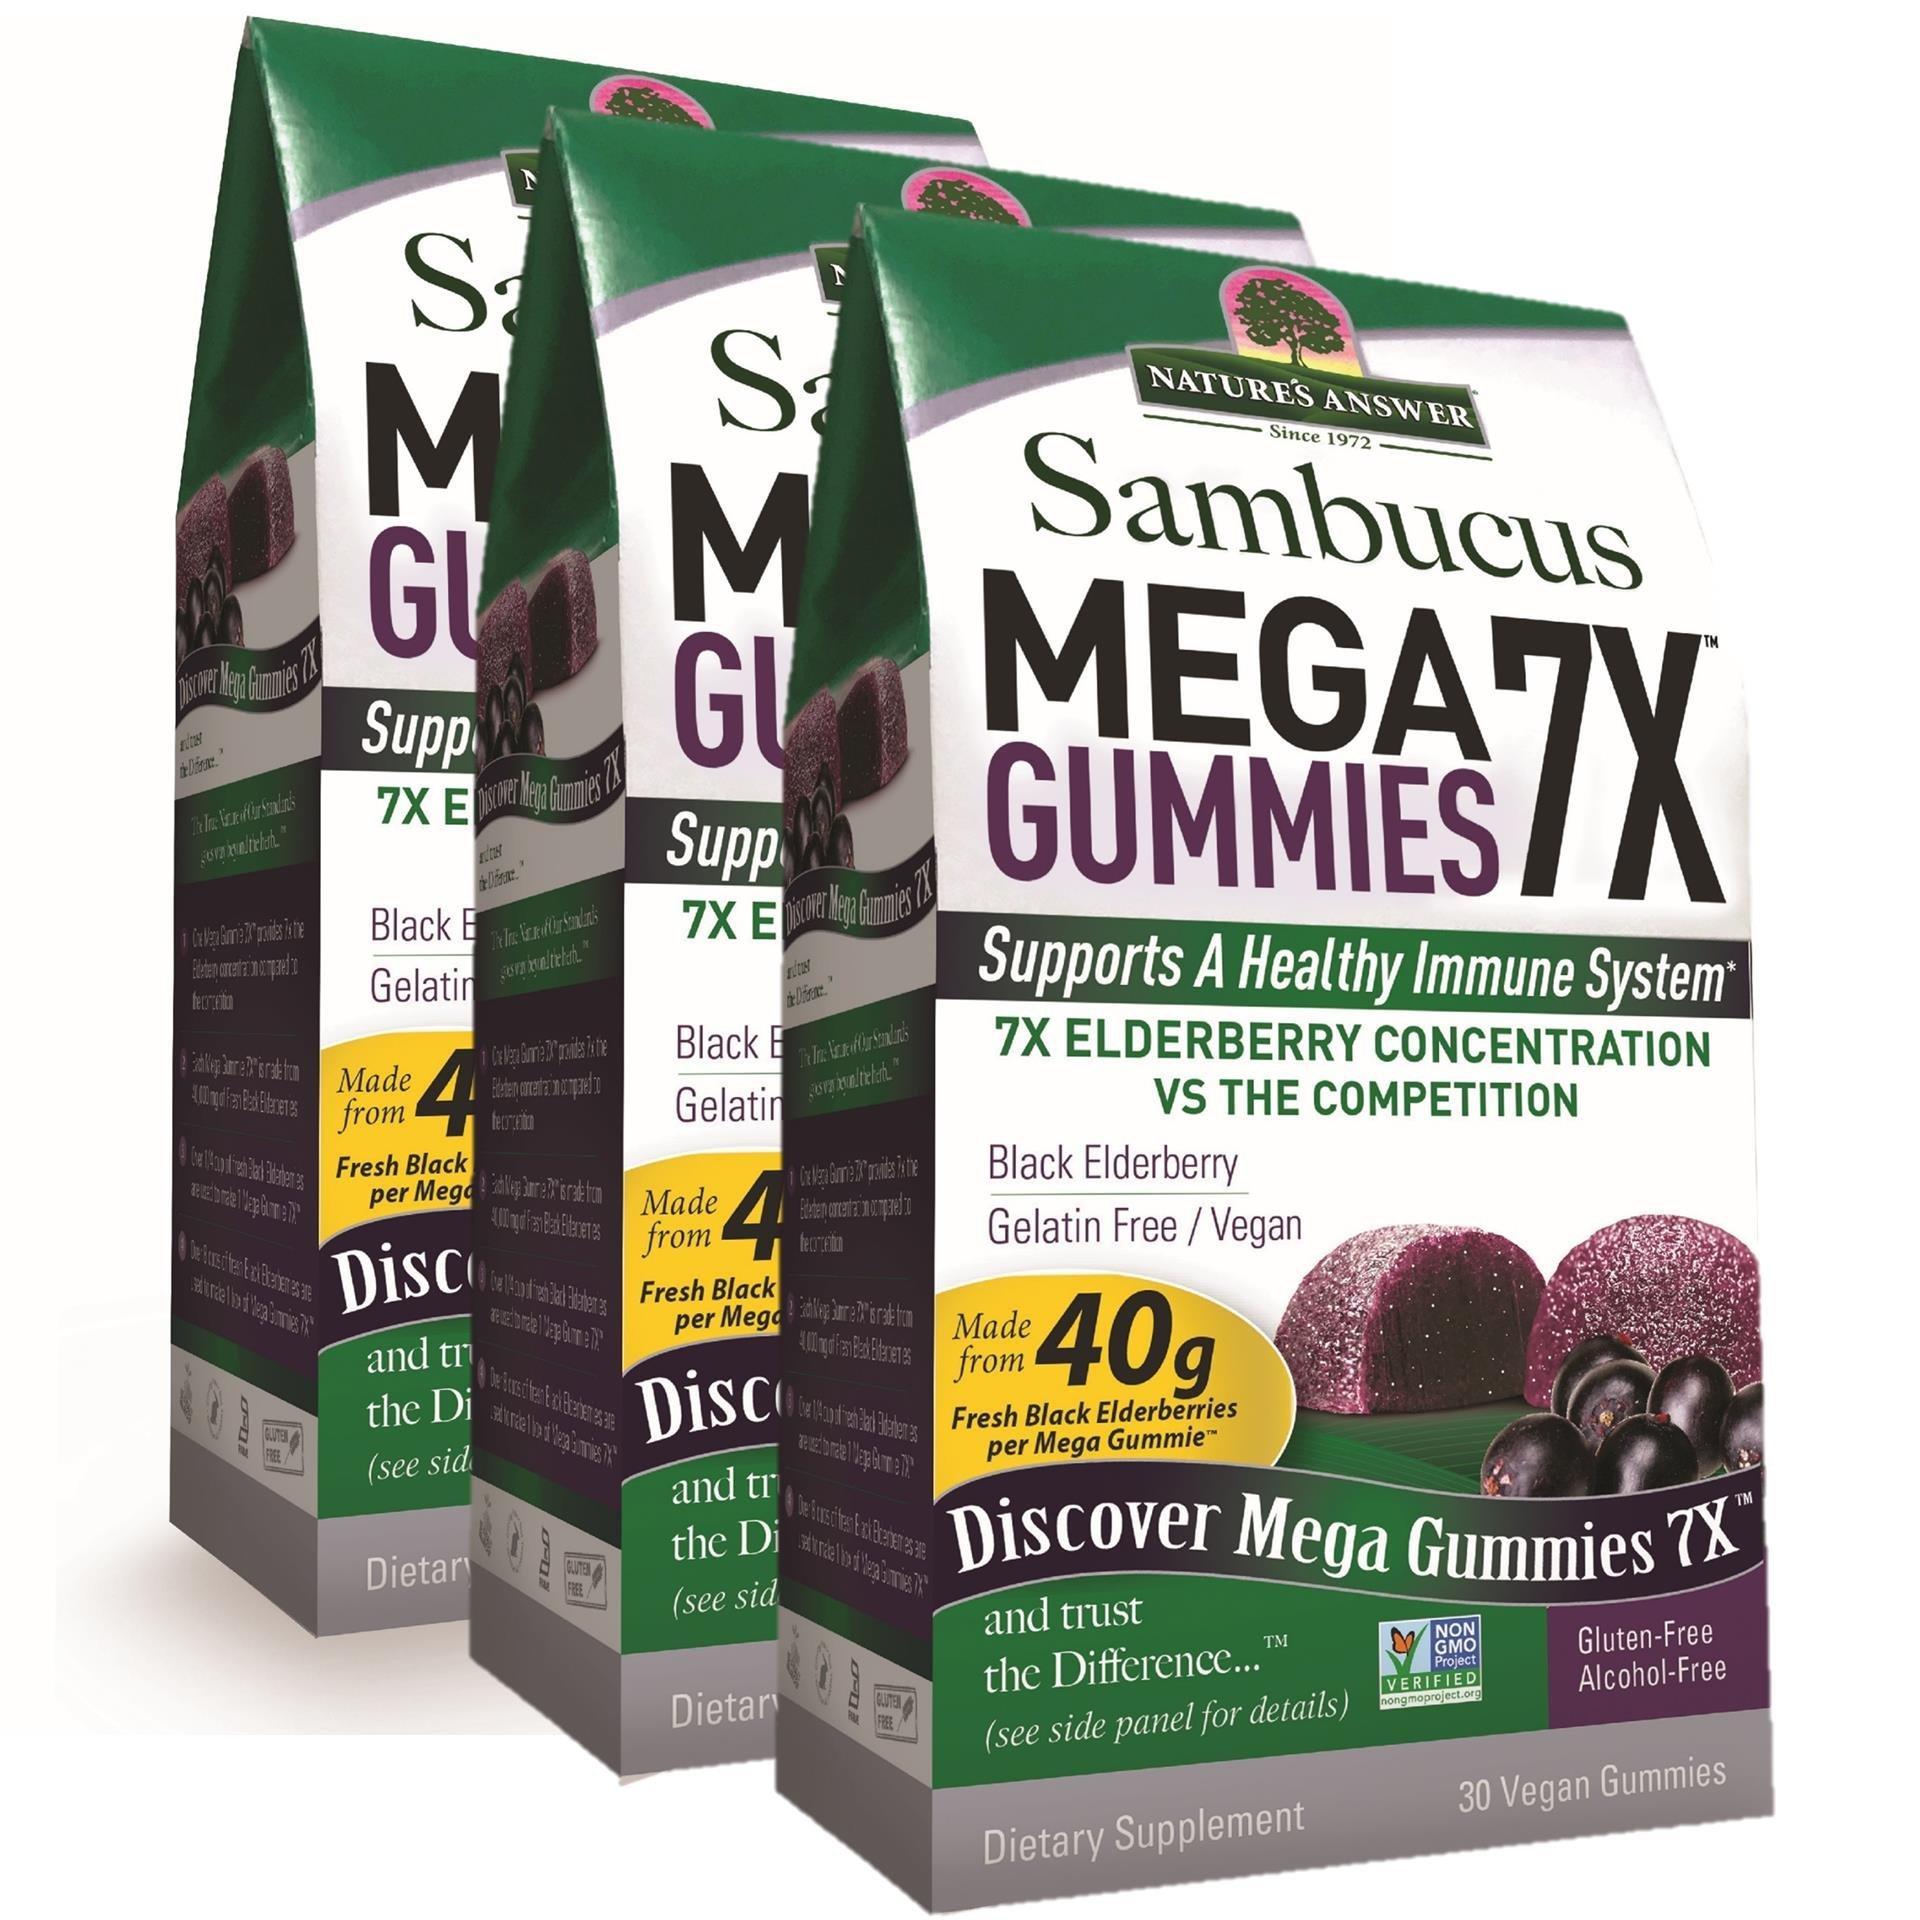 Nature's Answer Sambucus Mega Black Elderberry Gummies, 7X More Elderberry Concentration, 90 Count (3 Pack)